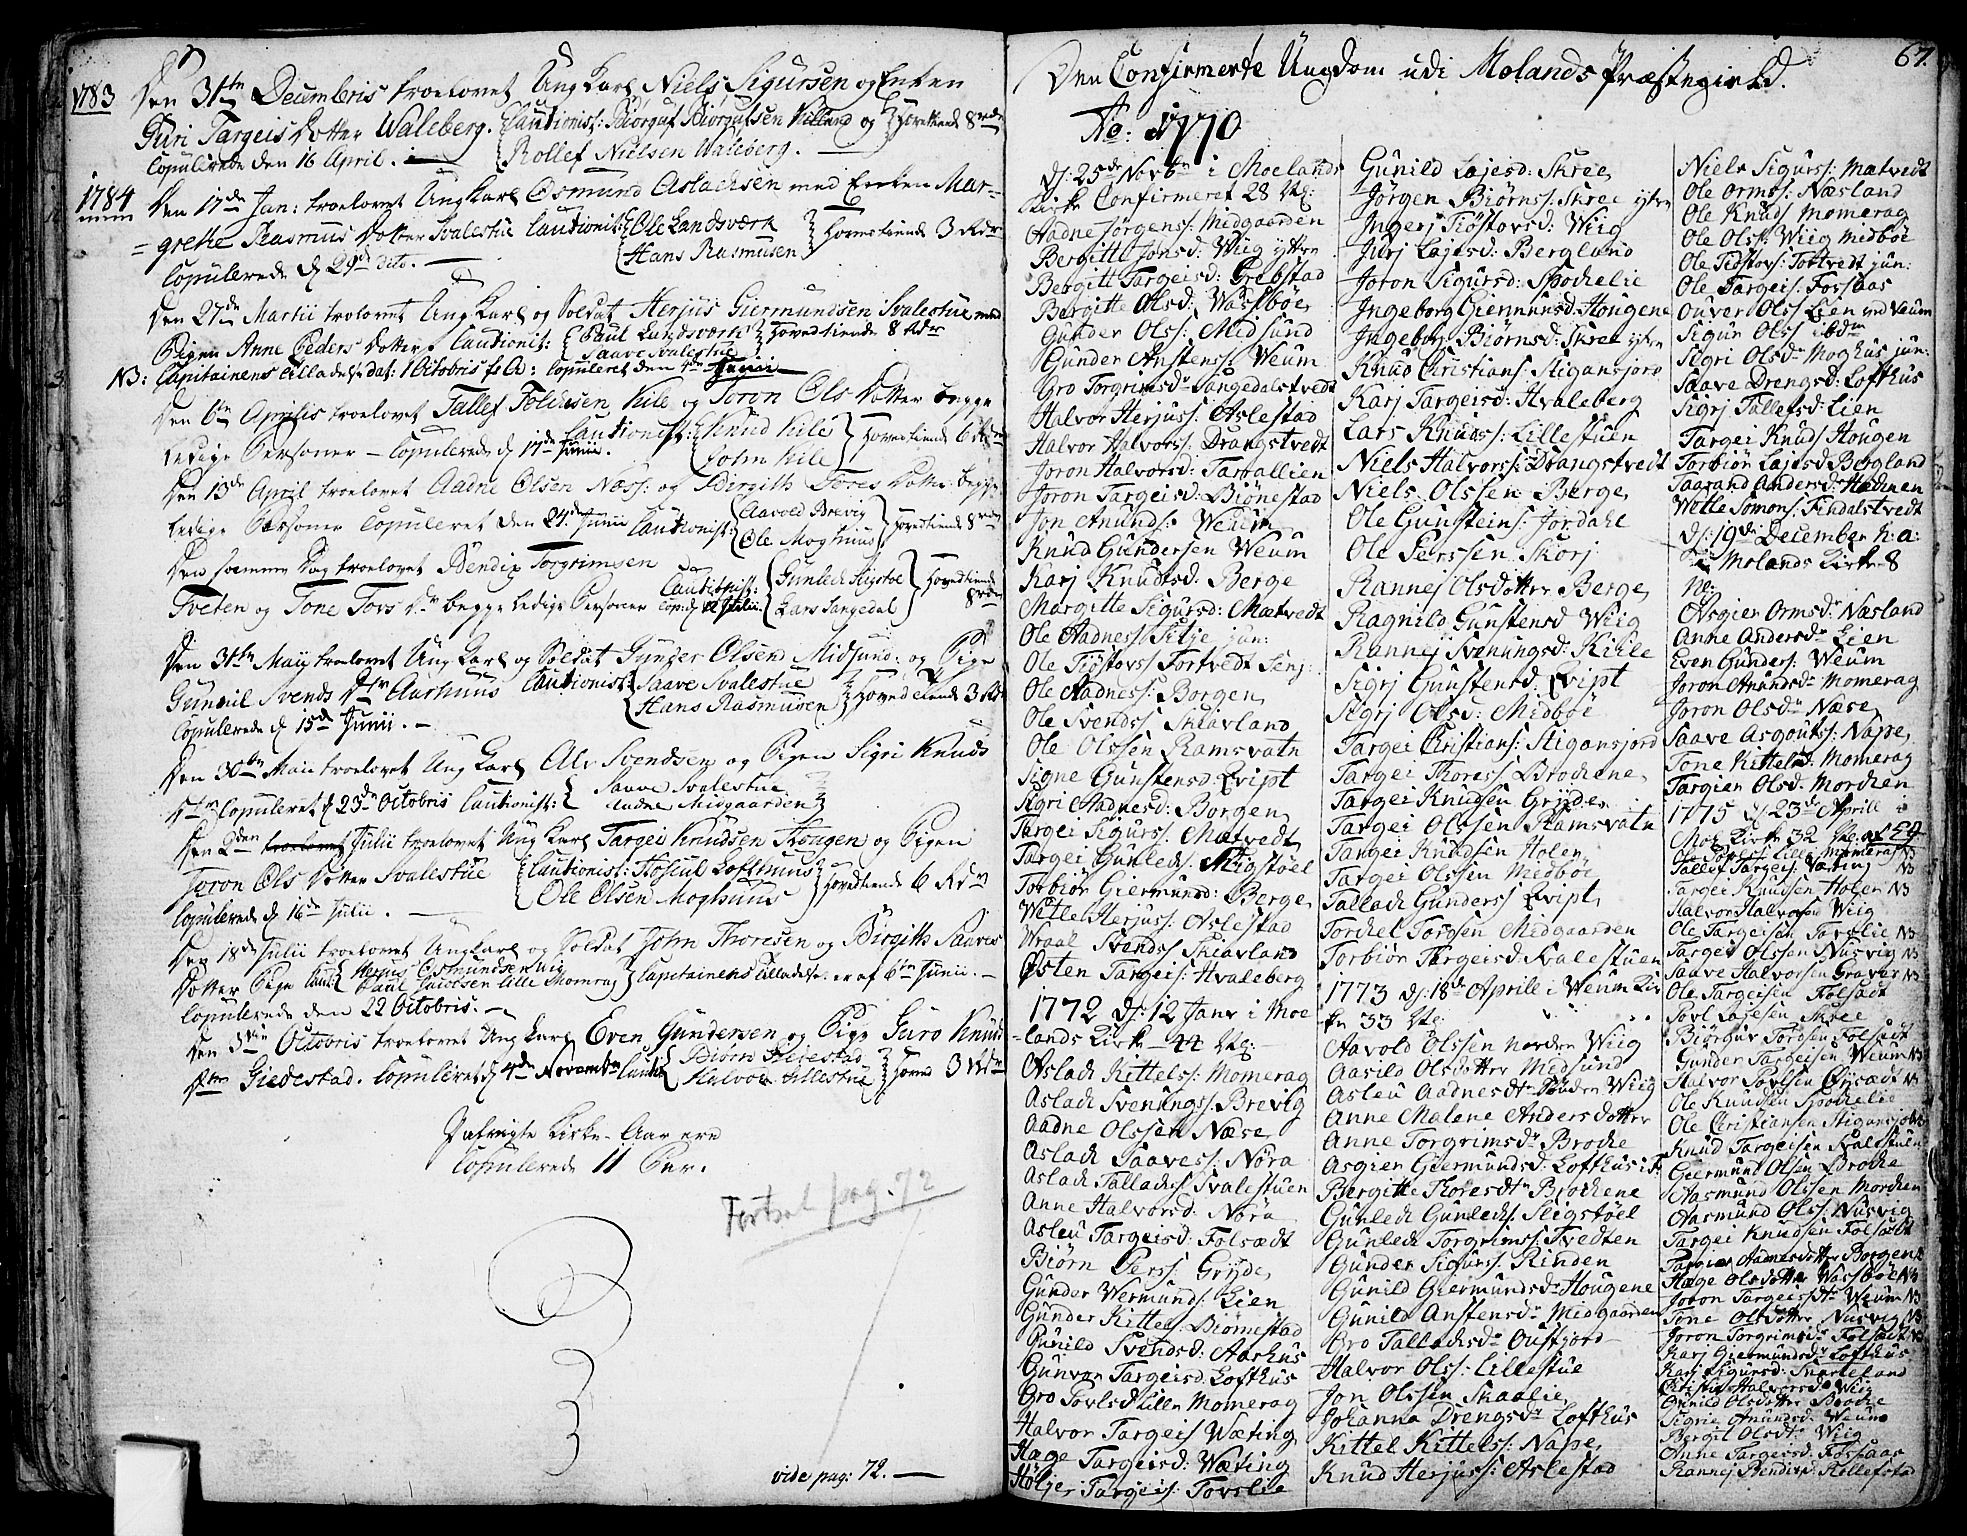 SAKO, Fyresdal kirkebøker, F/Fa/L0002: Ministerialbok nr. I 2, 1769-1814, s. 67